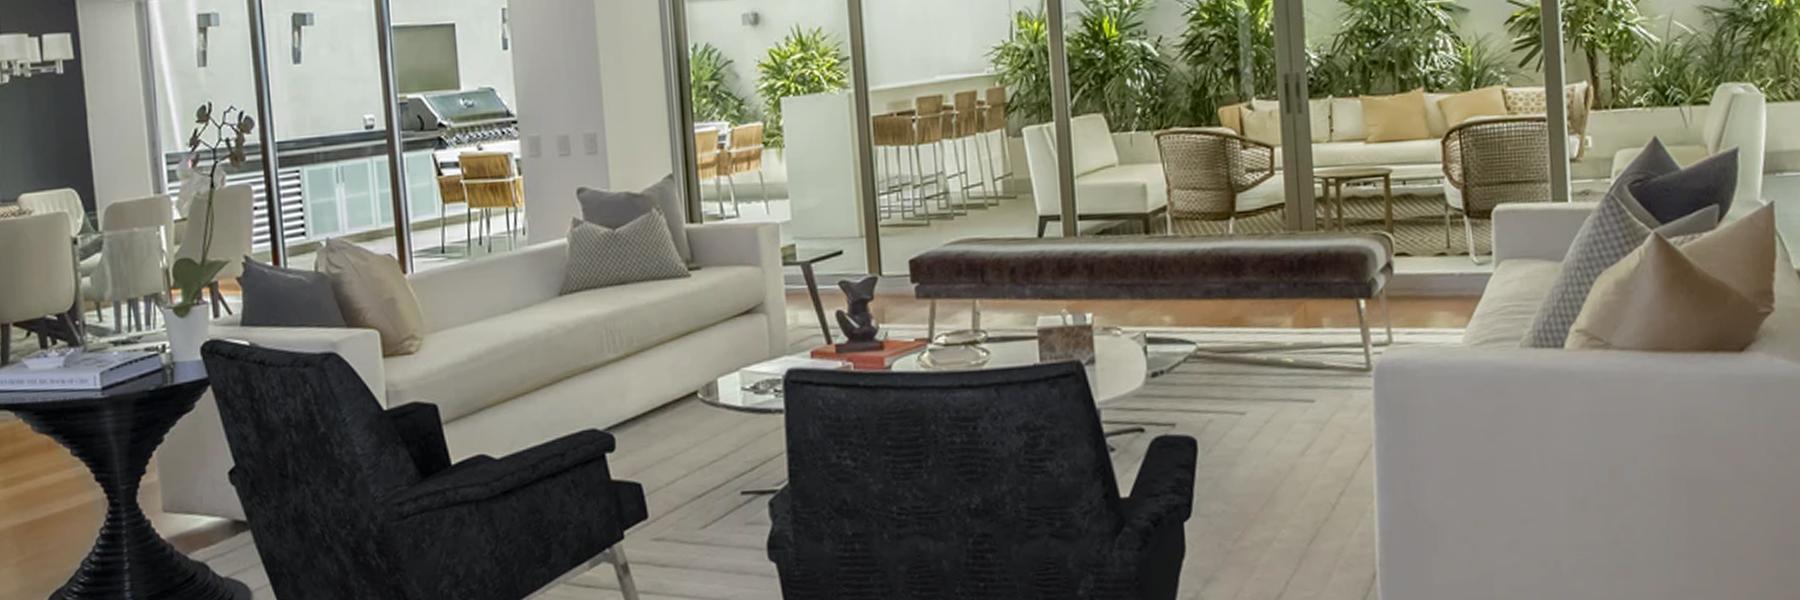 La duración de los contratos de arrendamiento